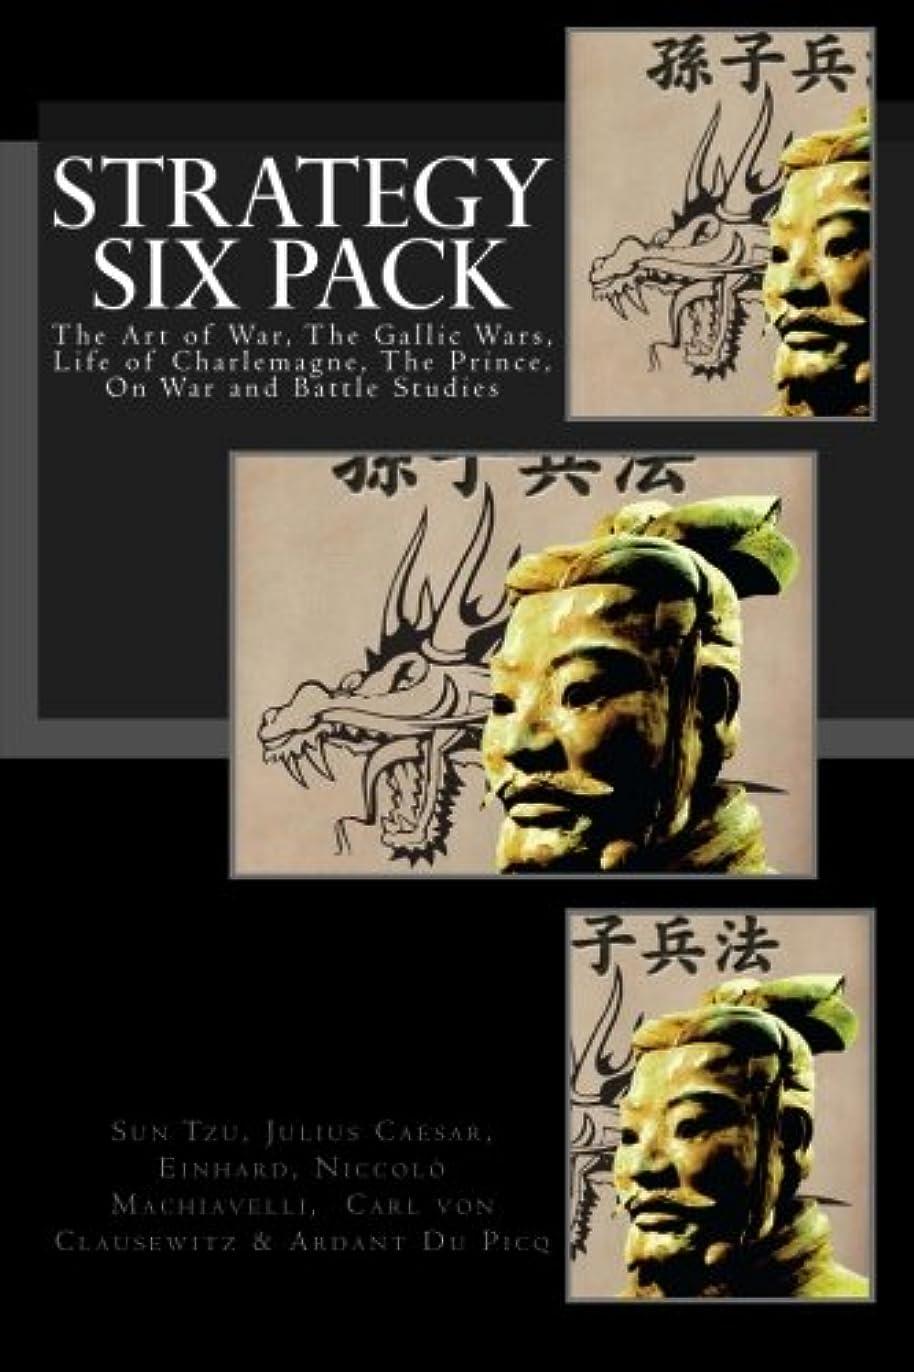 キリマンジャロ包括的ブレーキStrategy Six Pack: The Art of War, The Gallic Wars, Life of Charlemagne, The Prince, On War and Battle Studies